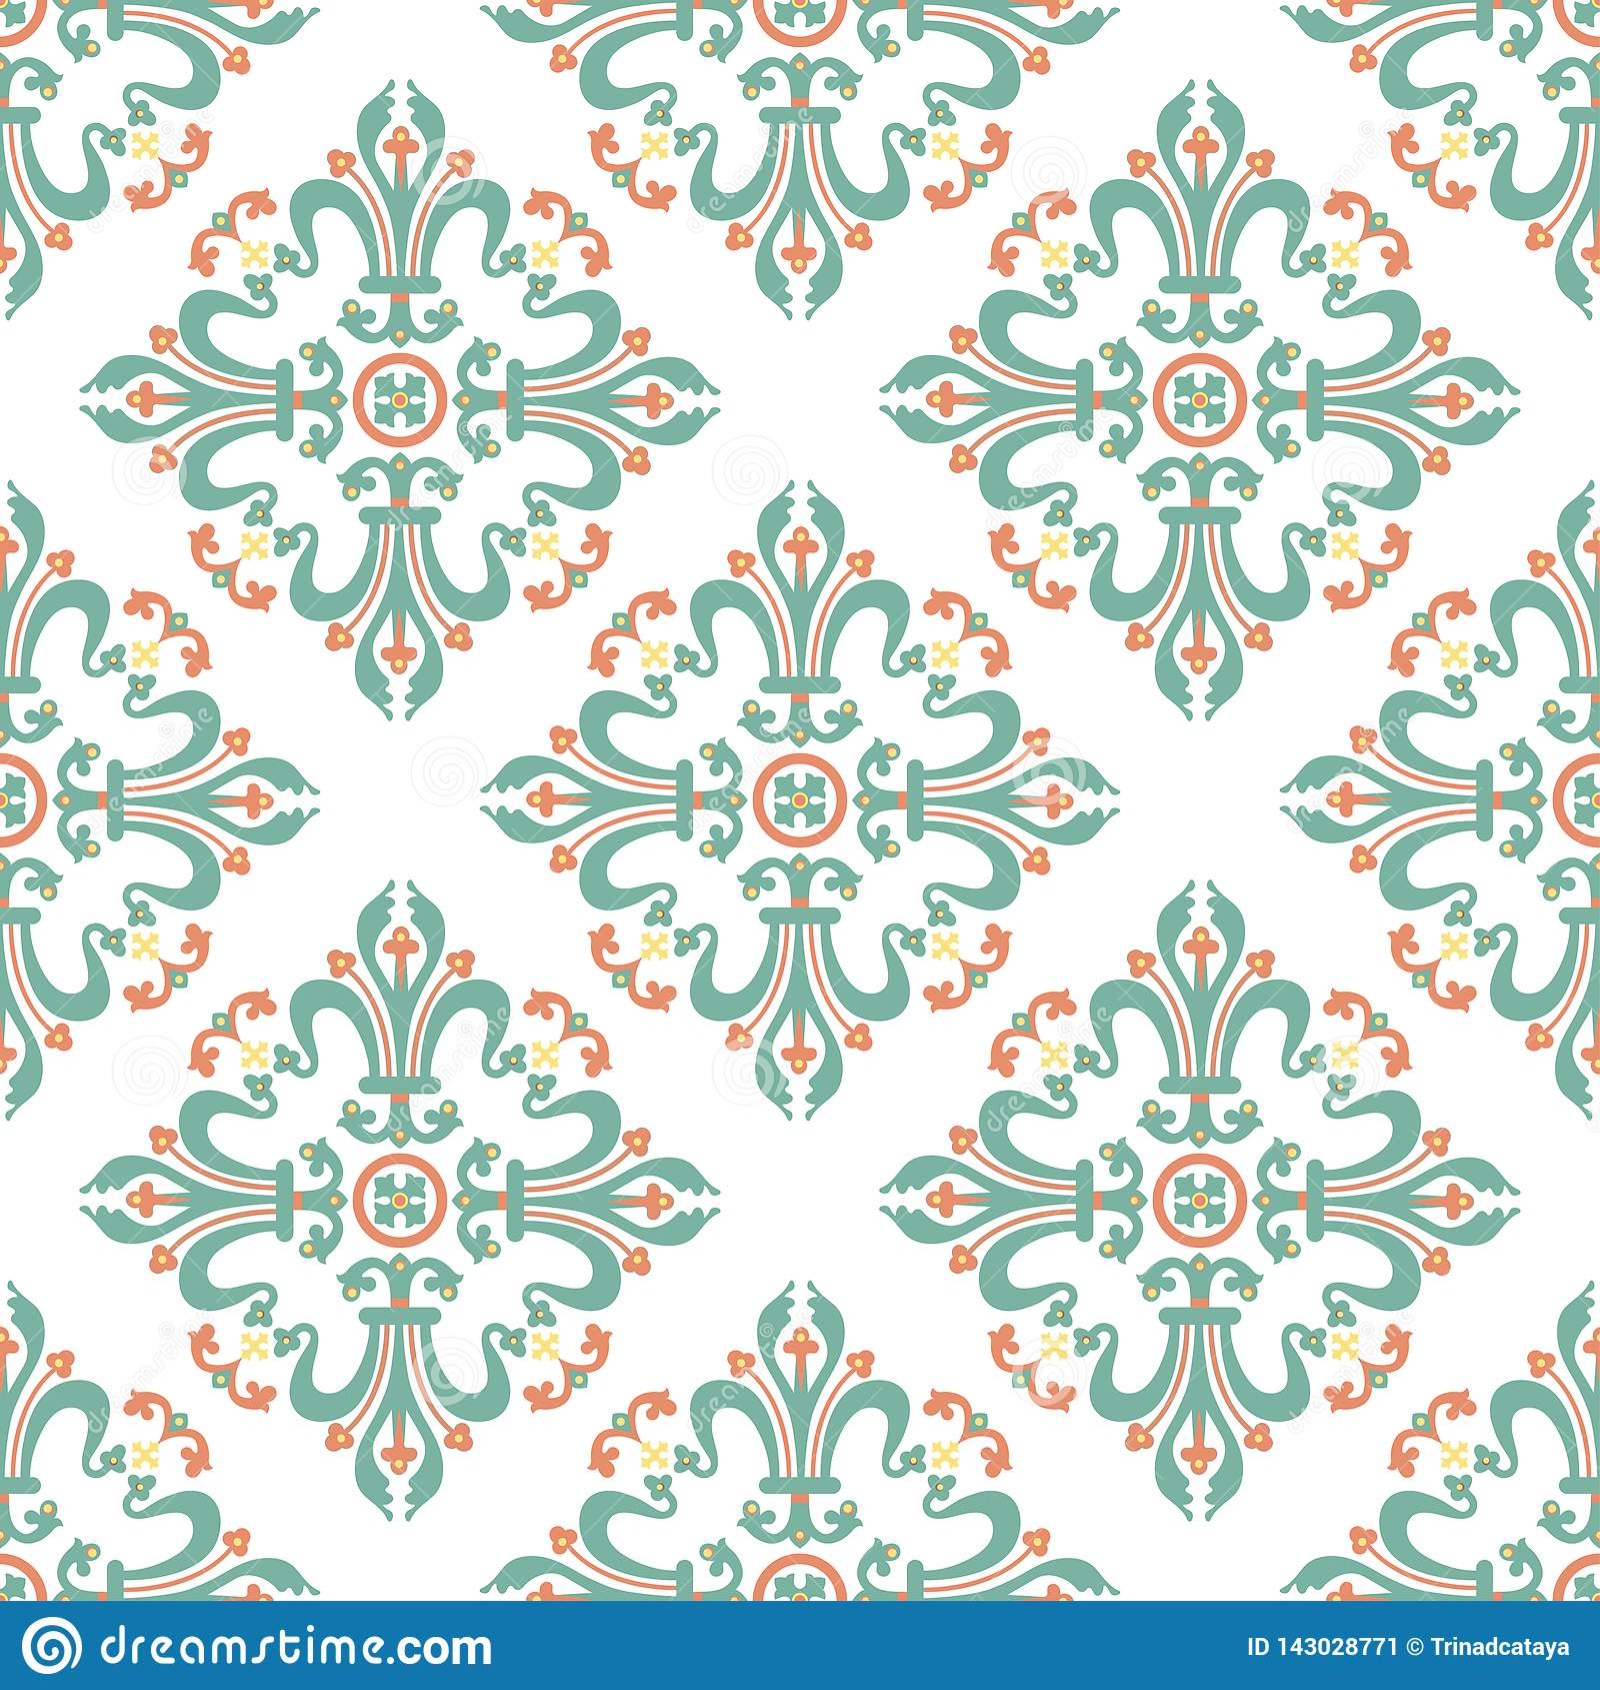 Vintage Baroque Ornament, Damask Floral Seamless Pattern